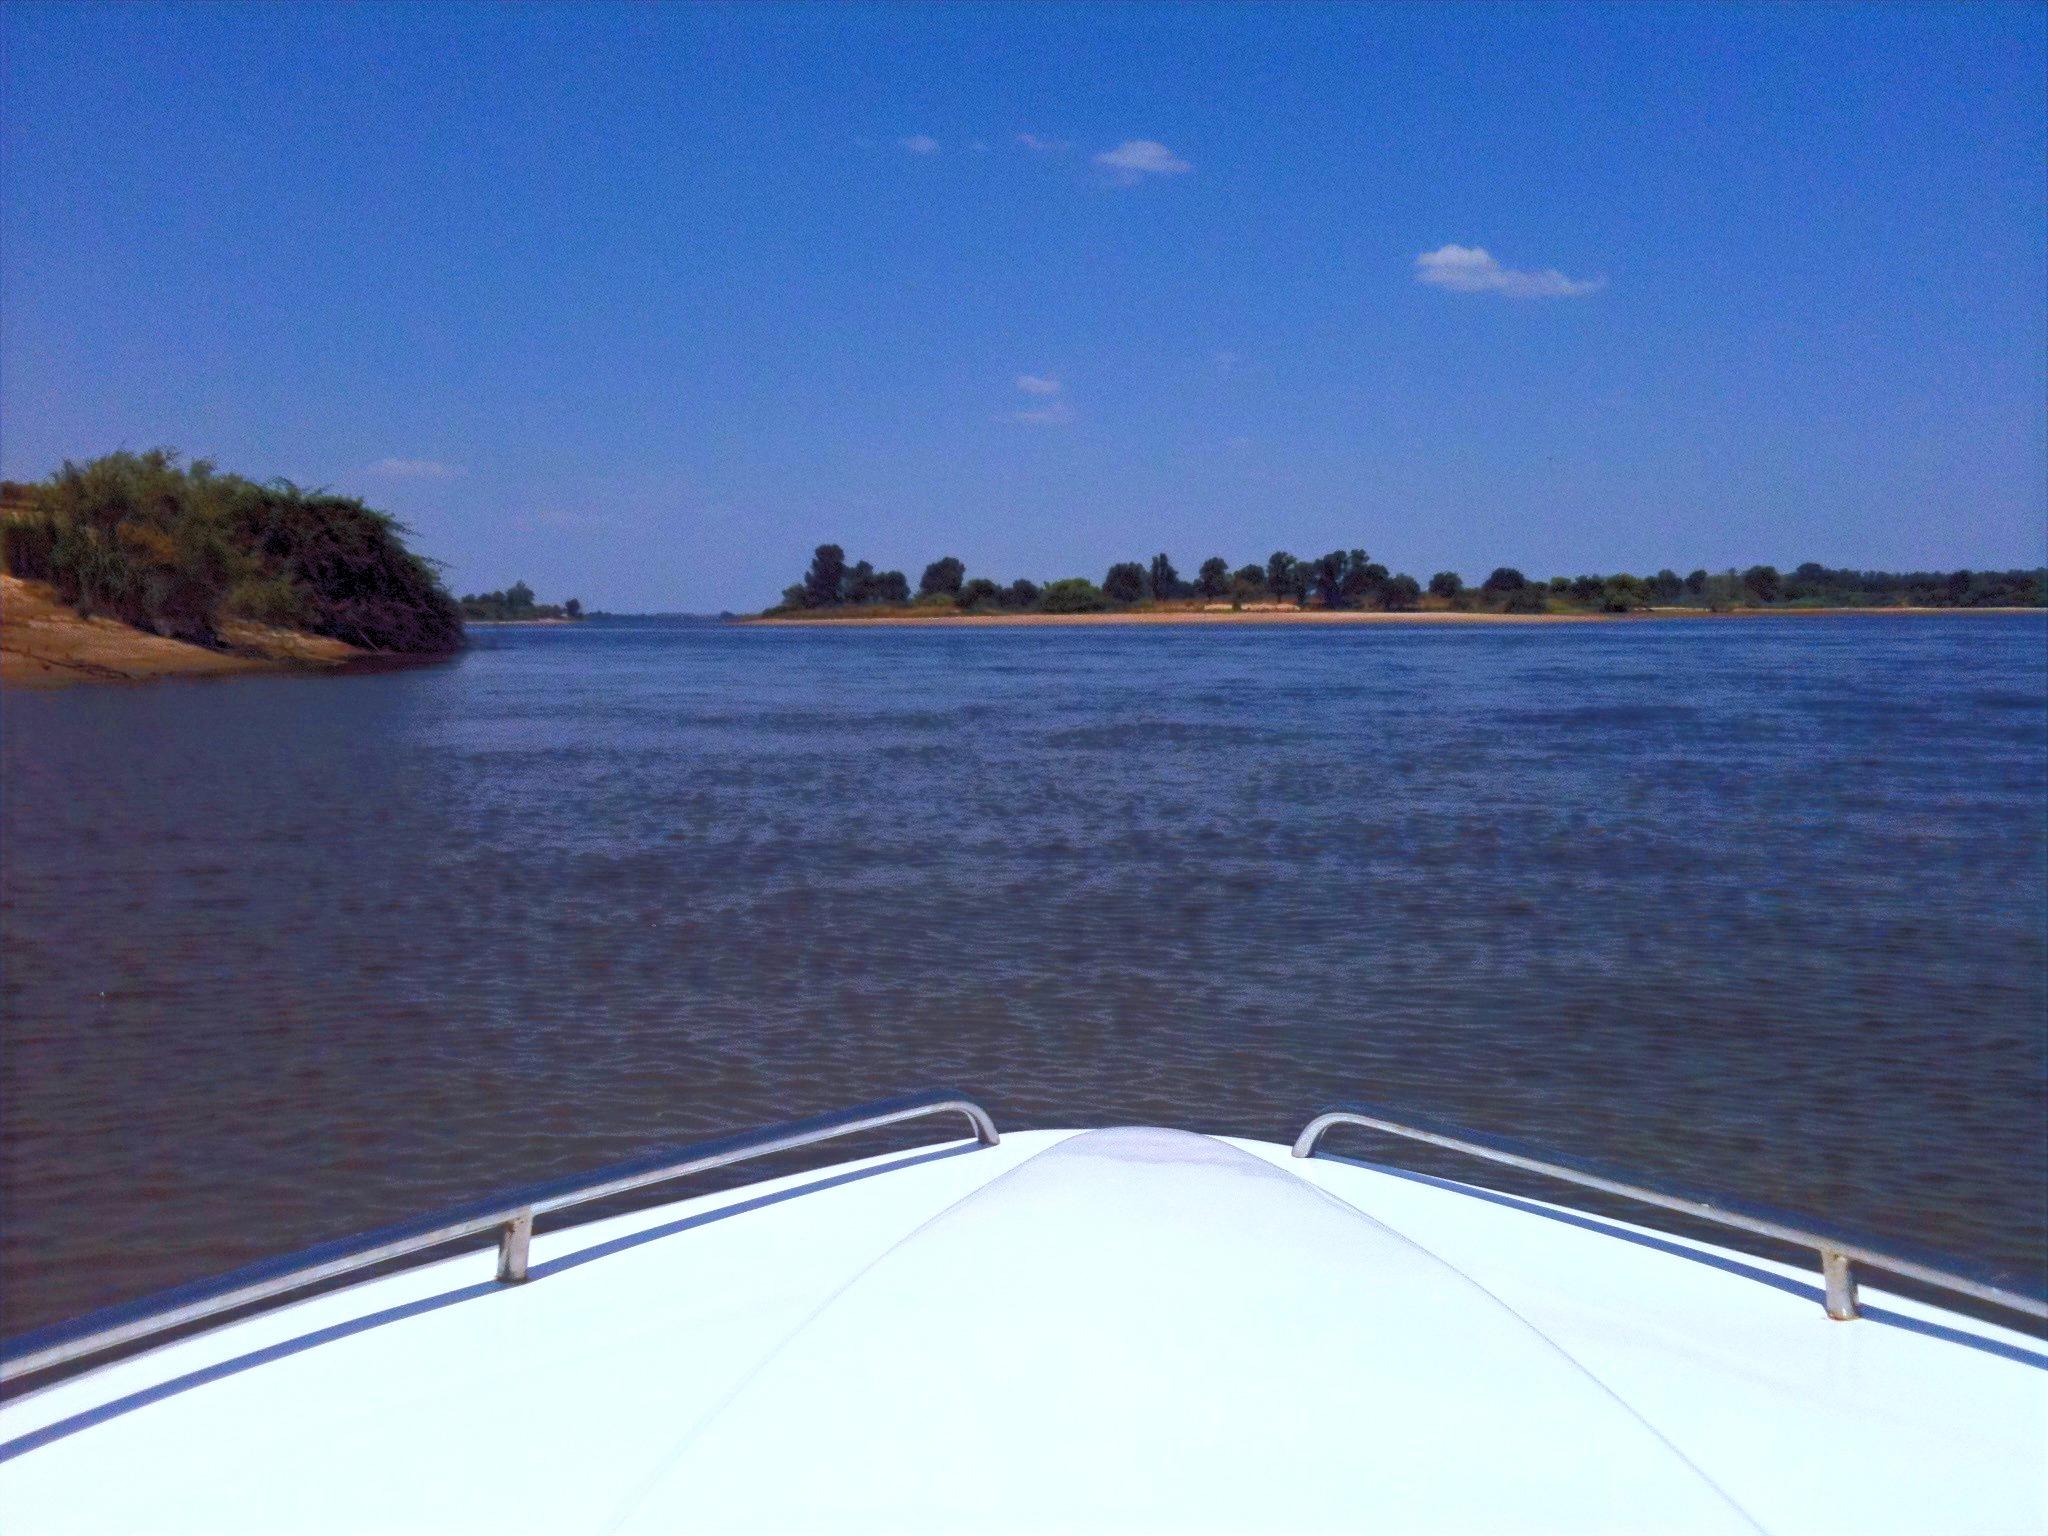 Vistas no rio Tejo